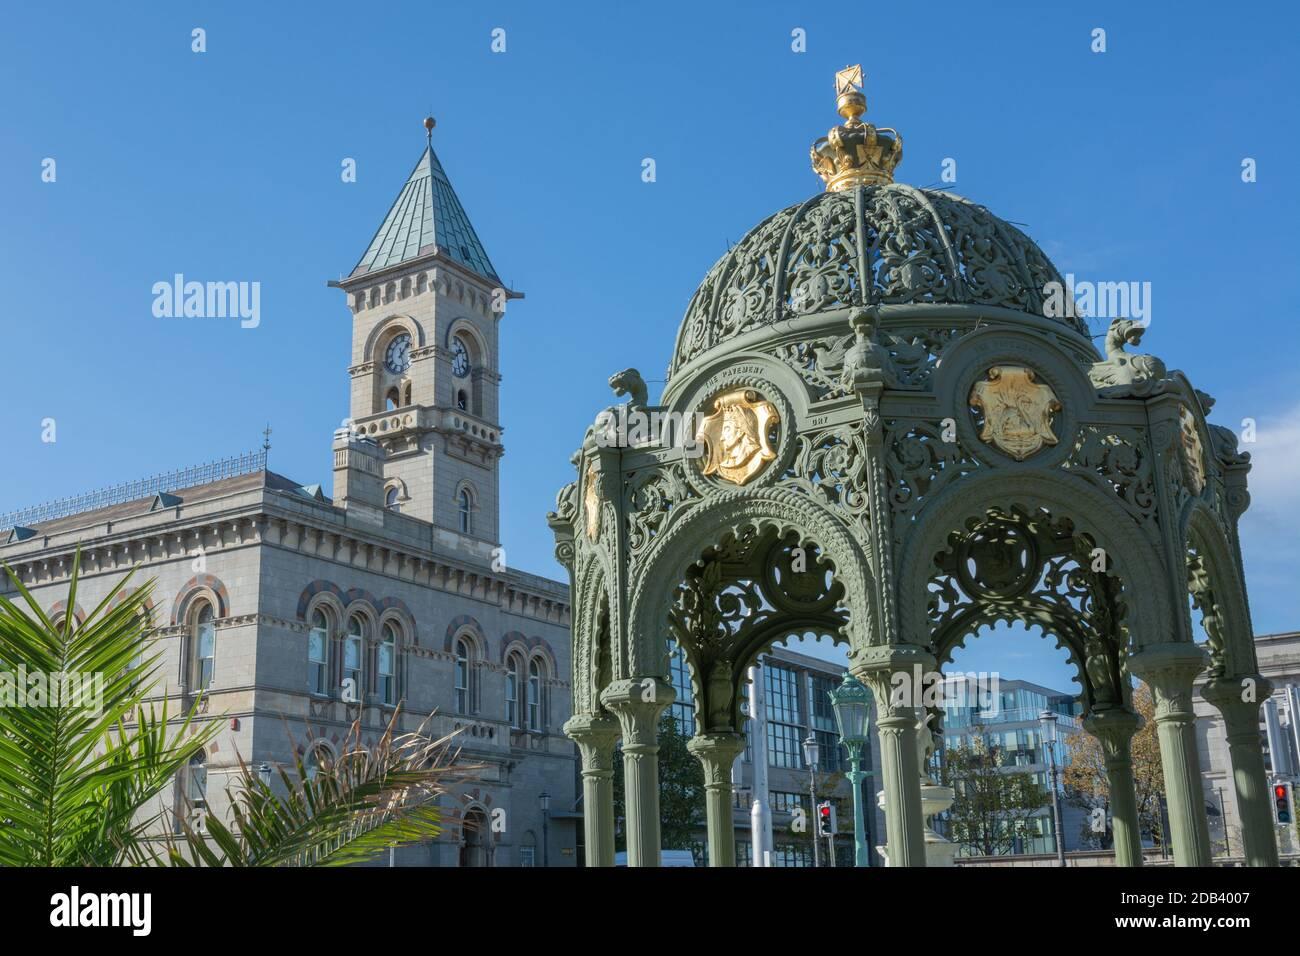 Fuente de la Reina Victoria con el ayuntamiento en Dun Laoghaire en el condado de Dublín, Irlanda Foto de stock